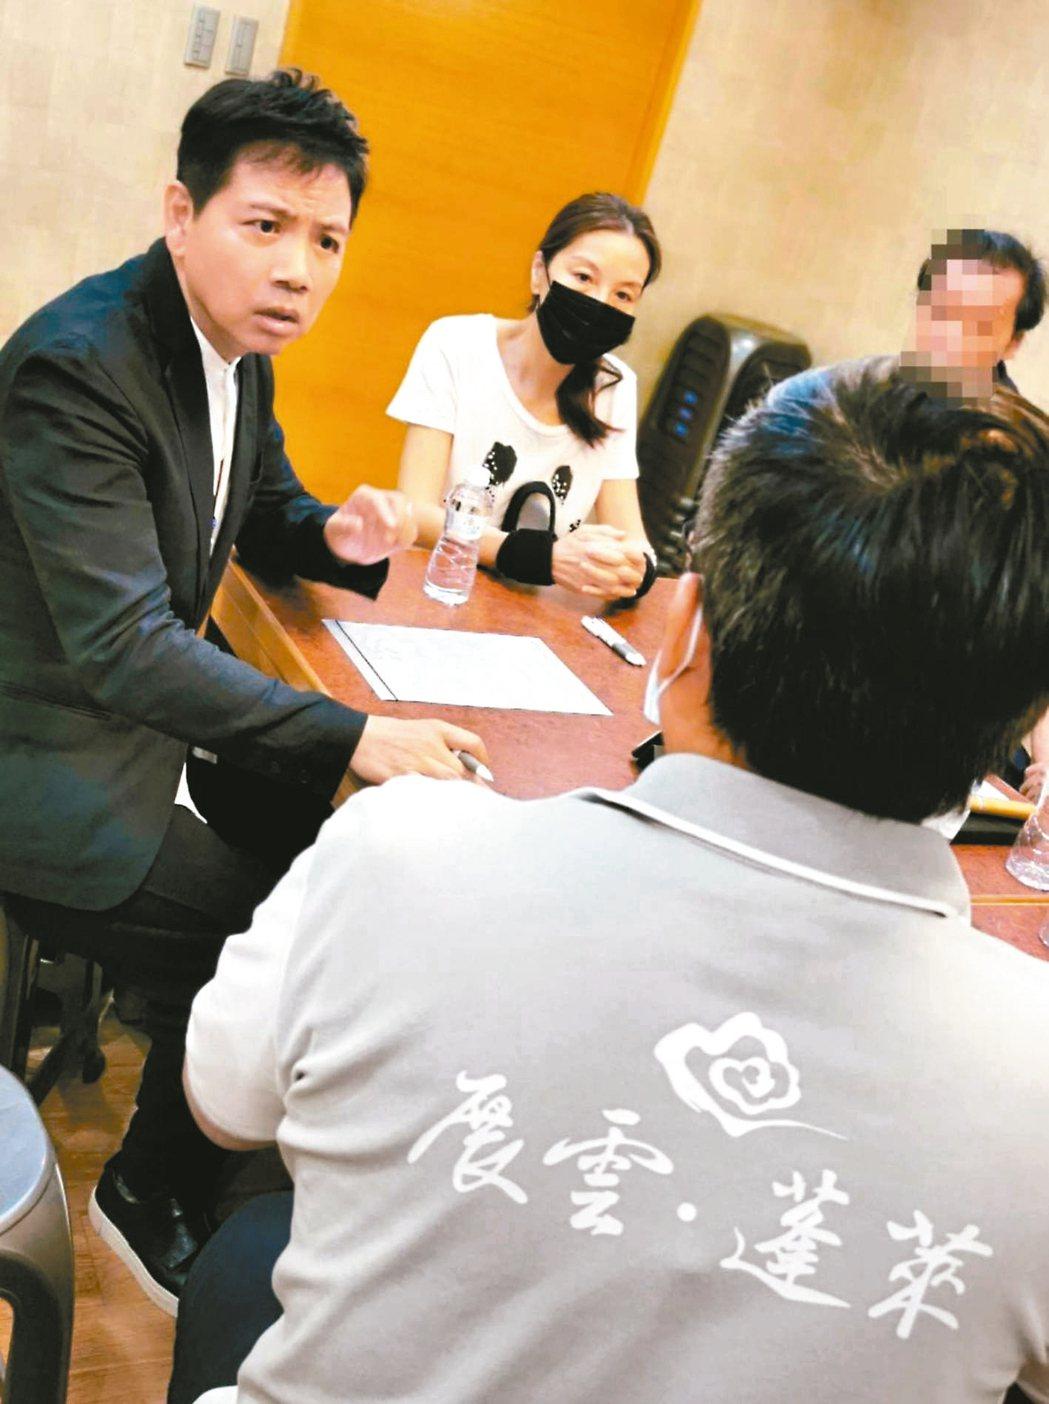 張正藍(右)和陳凱倫討論張母治喪事宜。 圖/展雲幸福禮儀提供